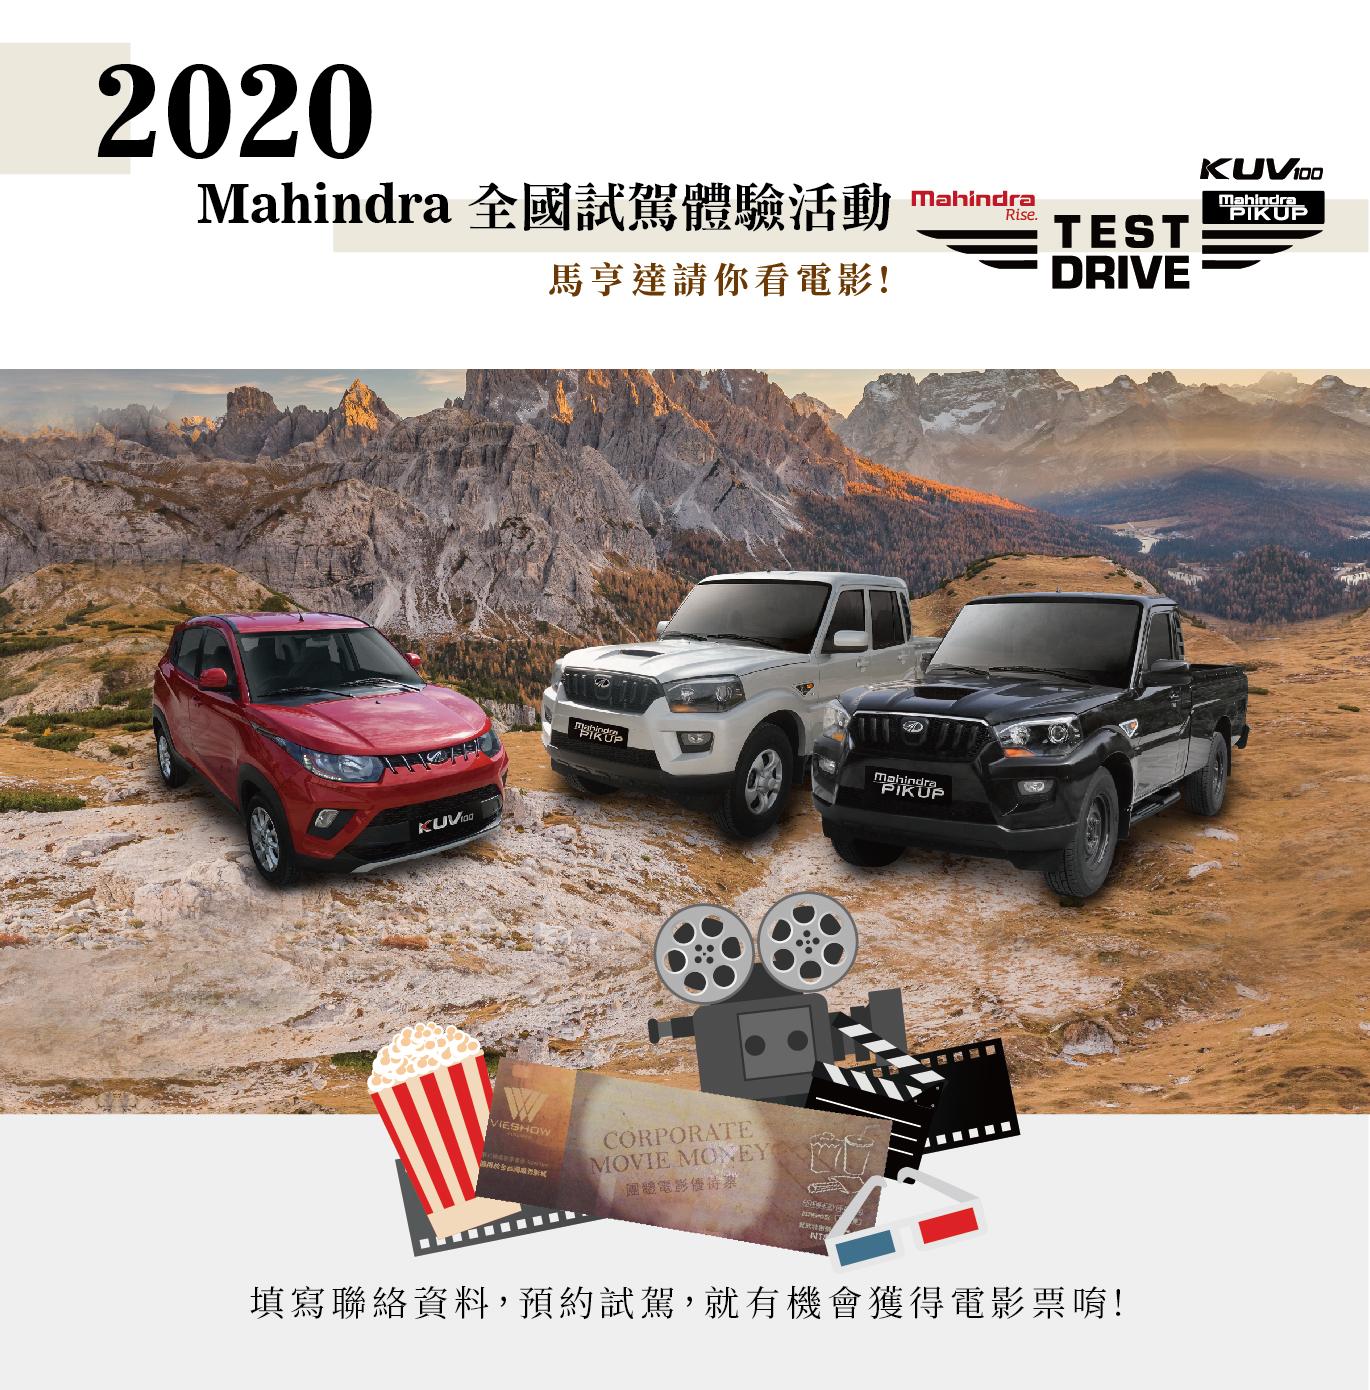 2020 Mahindra 全國試駕體驗活動